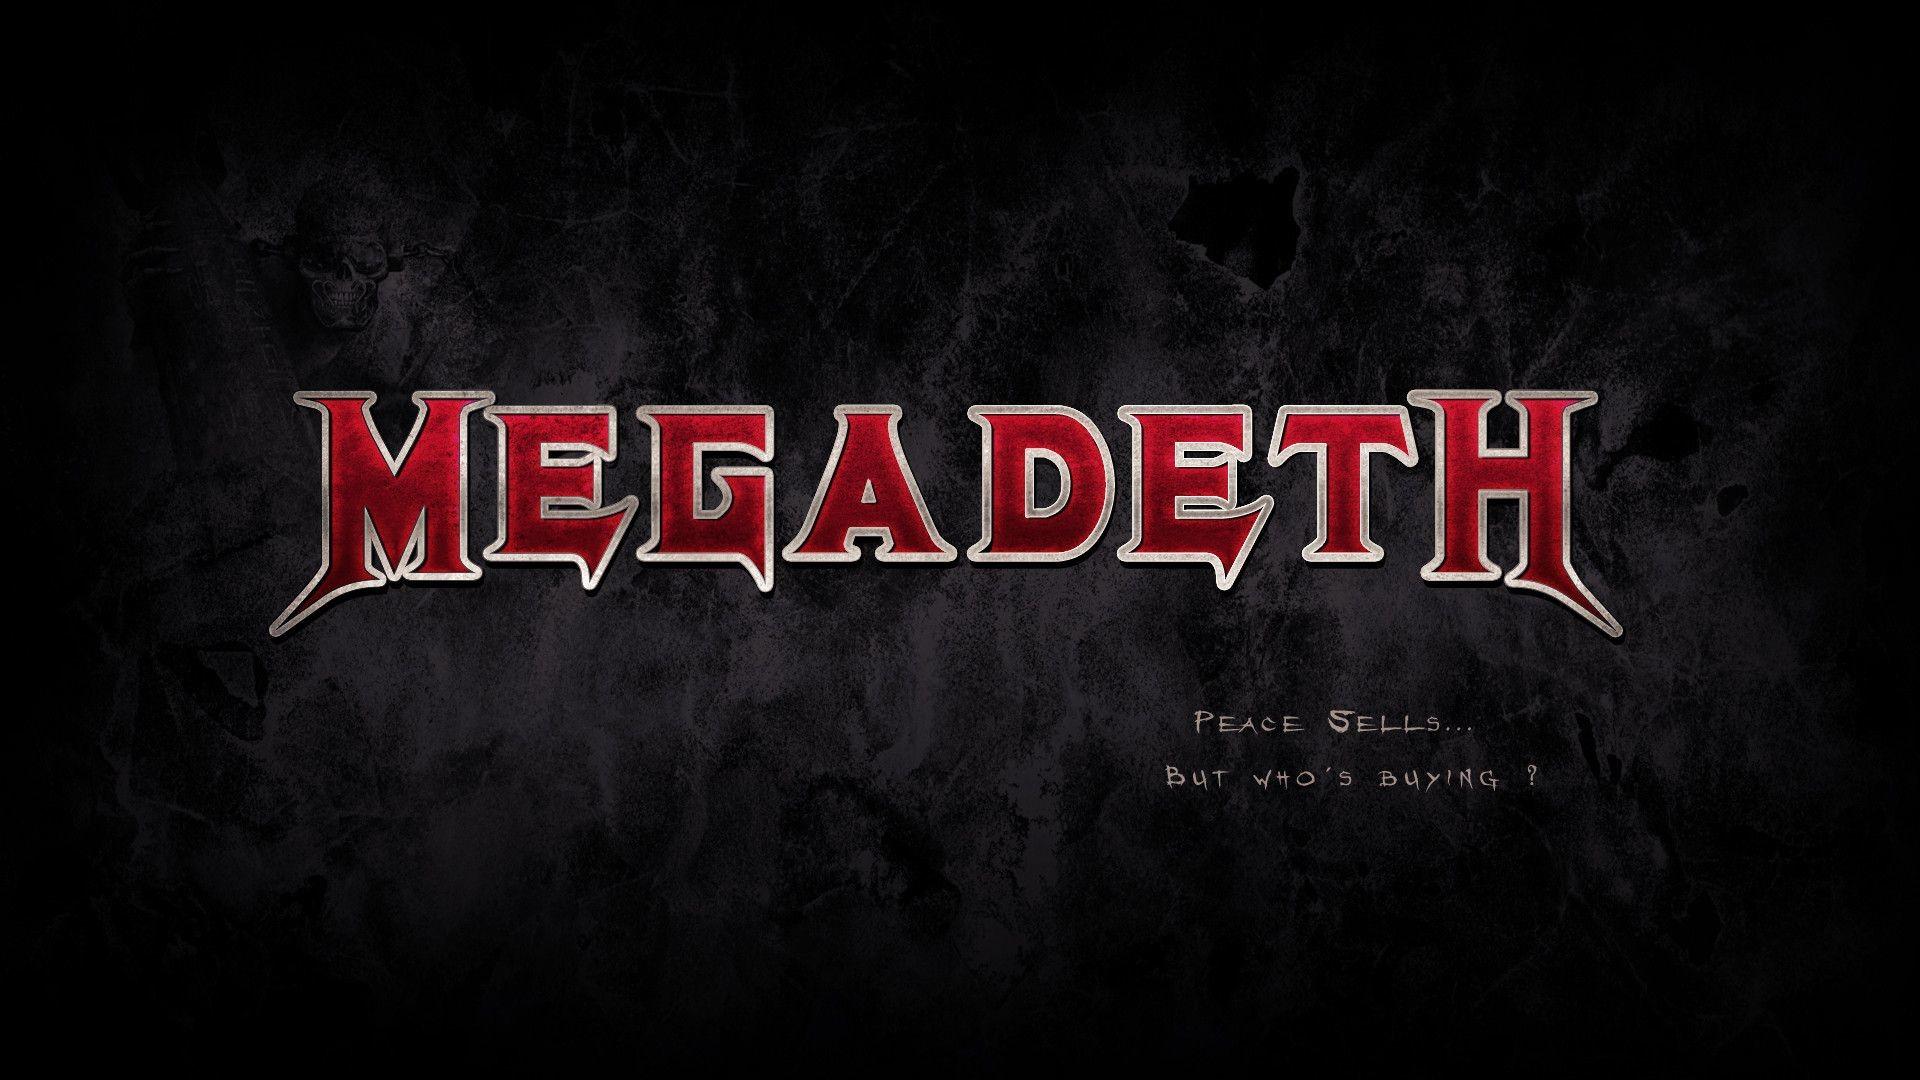 Megadeth Wallpaper HD 1080p 64 Images